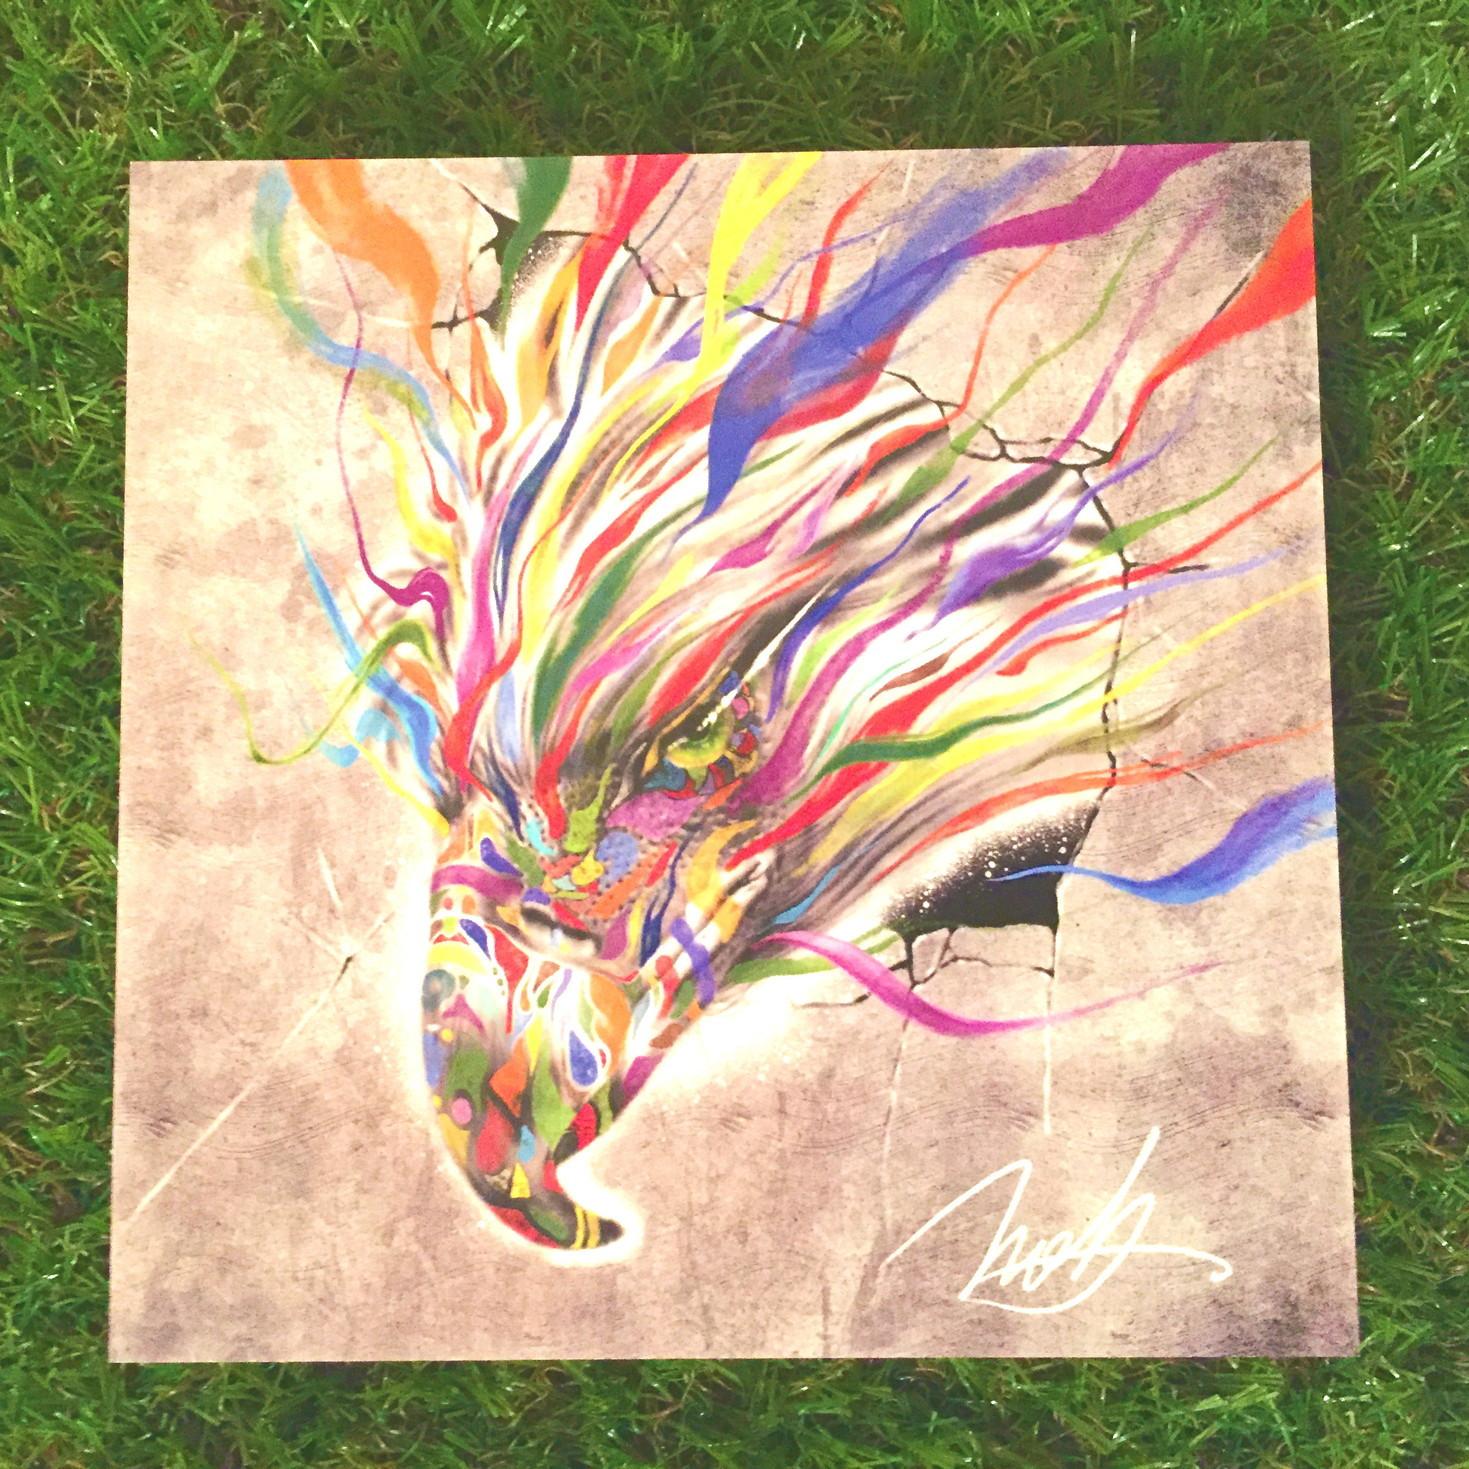 絵画 インテリア アートパネル 雑貨 壁掛け 置物 おしゃれ 鳥 動物  現代アート ロココロ 画家 : nob 作品 :  Re : breakthrough